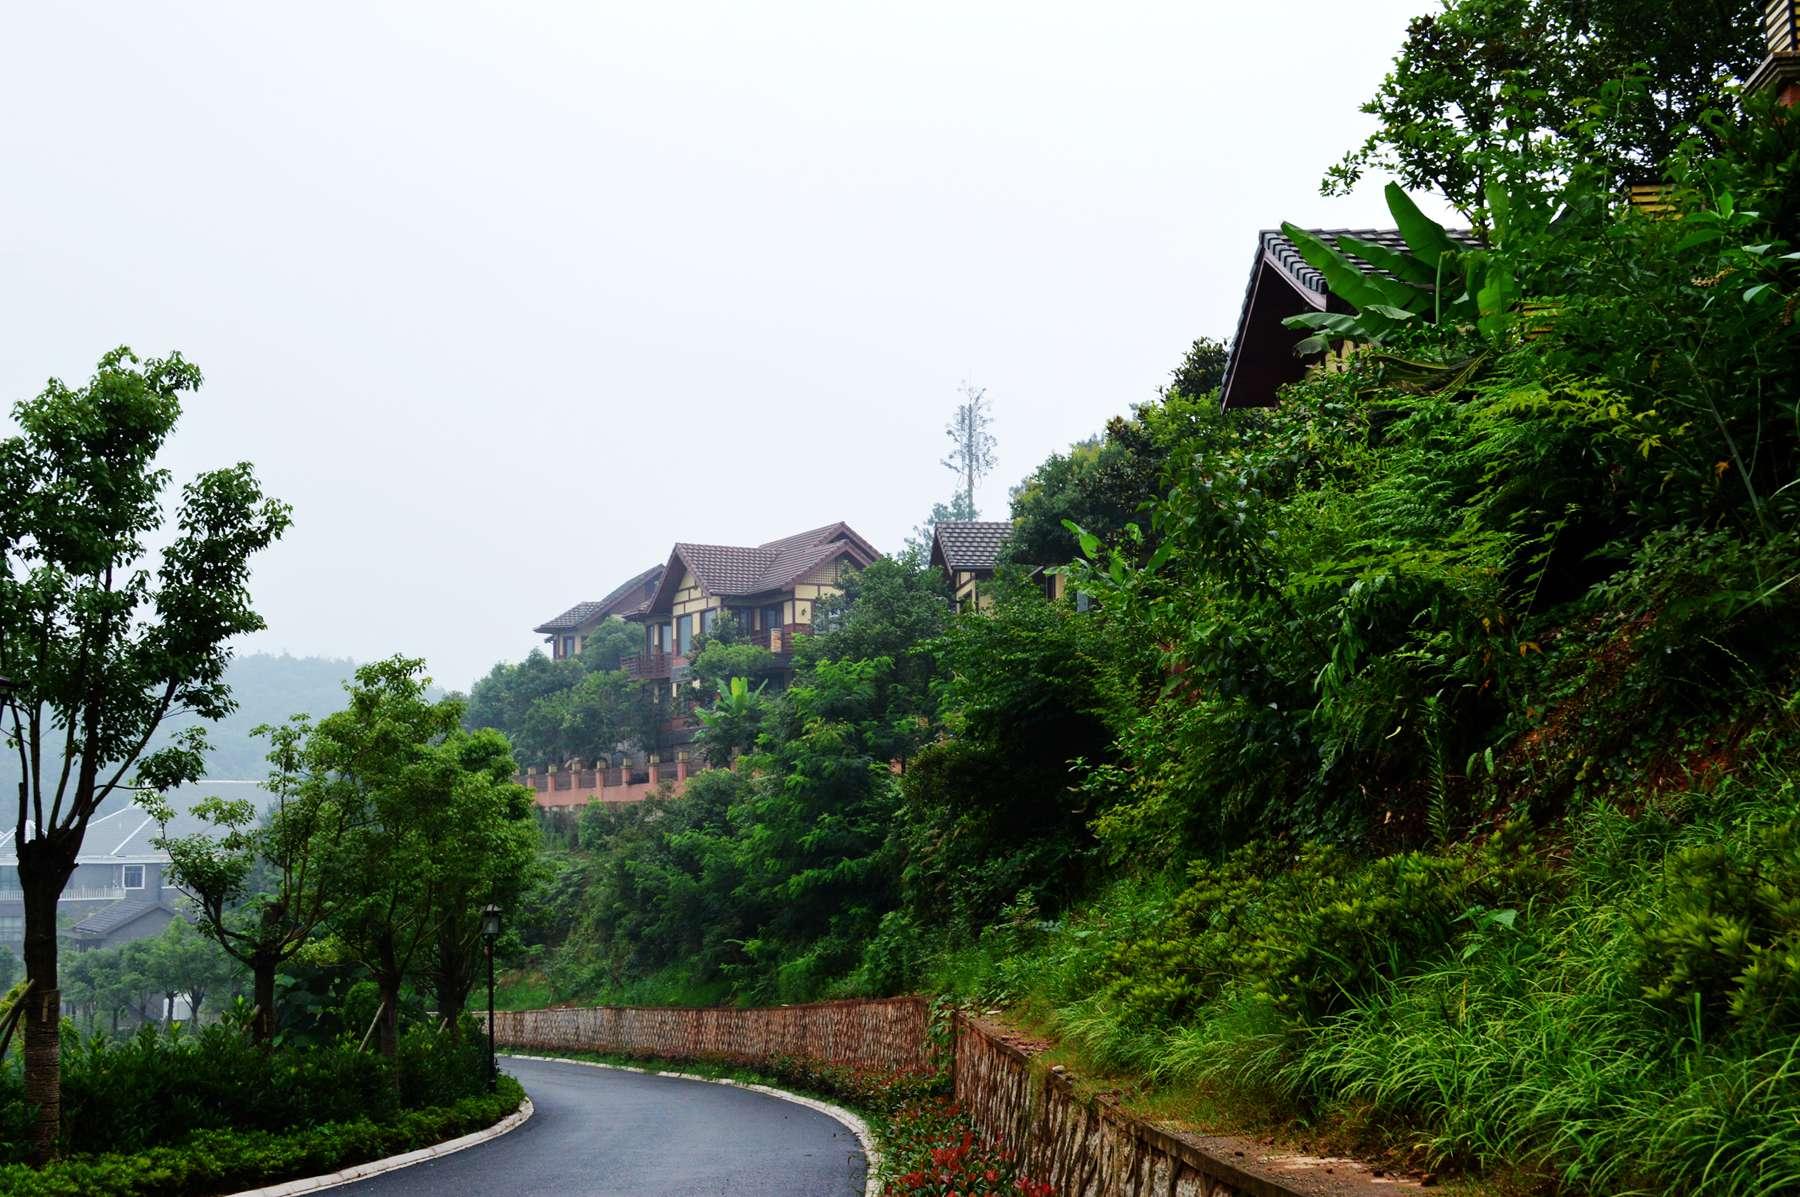 皖南川藏线起点----东南亚主题别墅自驾游